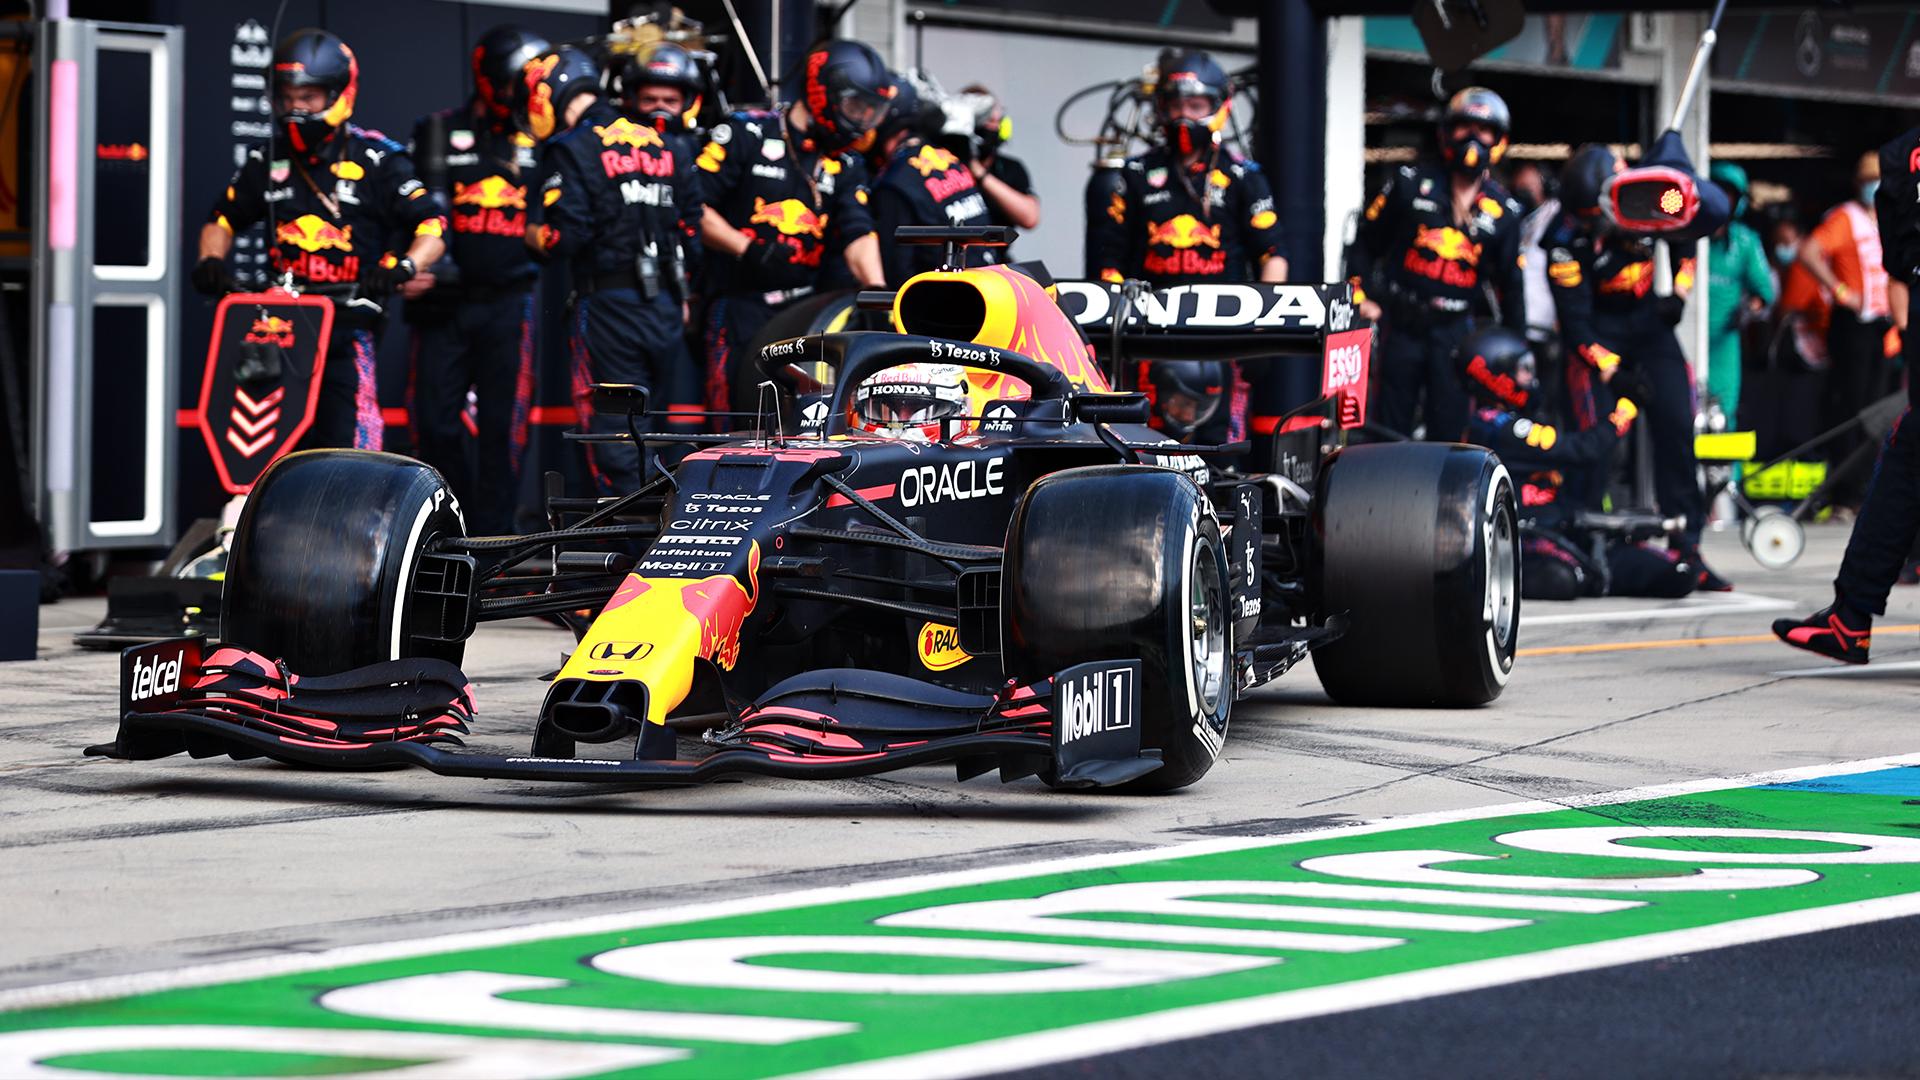 F1 - Revivez le Grand Prix de Hongrie 2021 complétement fou